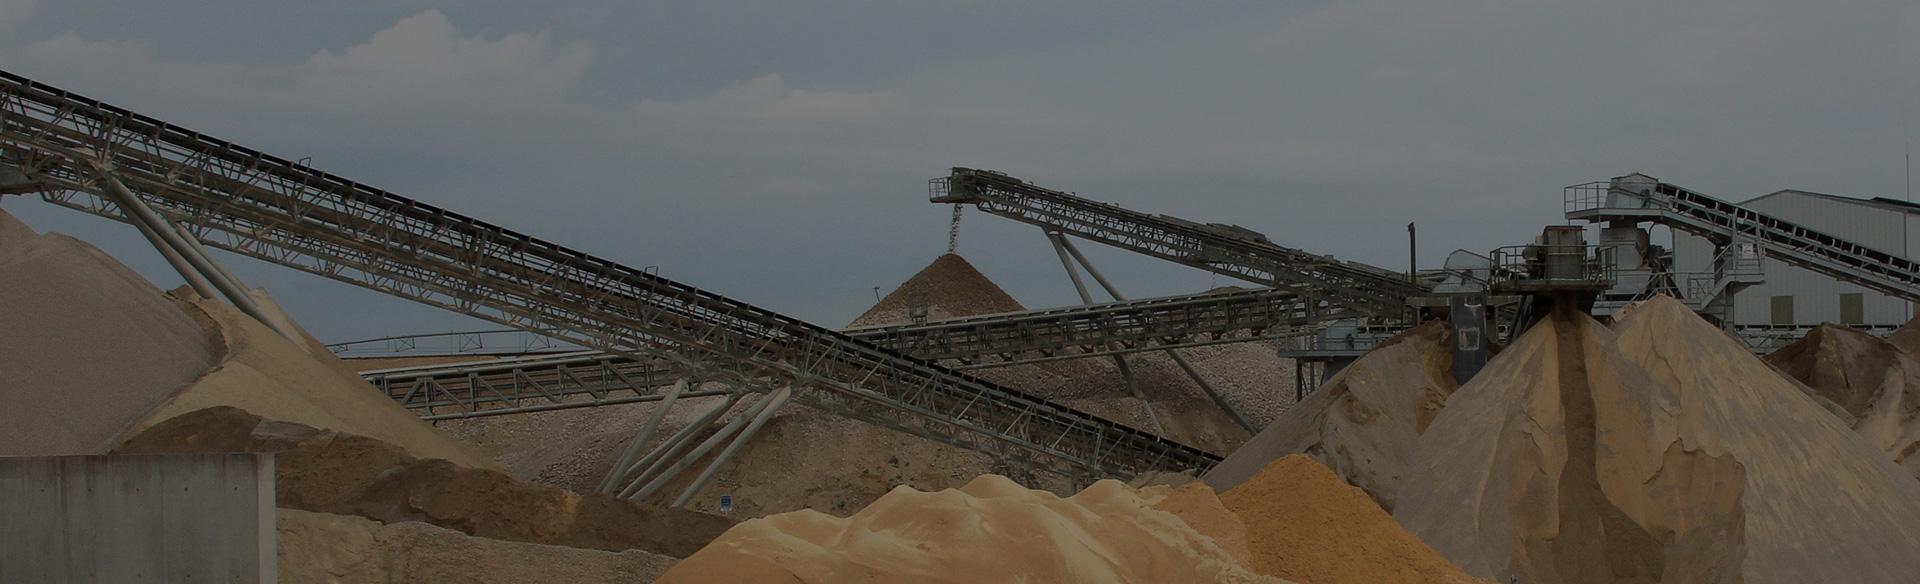 produkcja piasku budowlanego